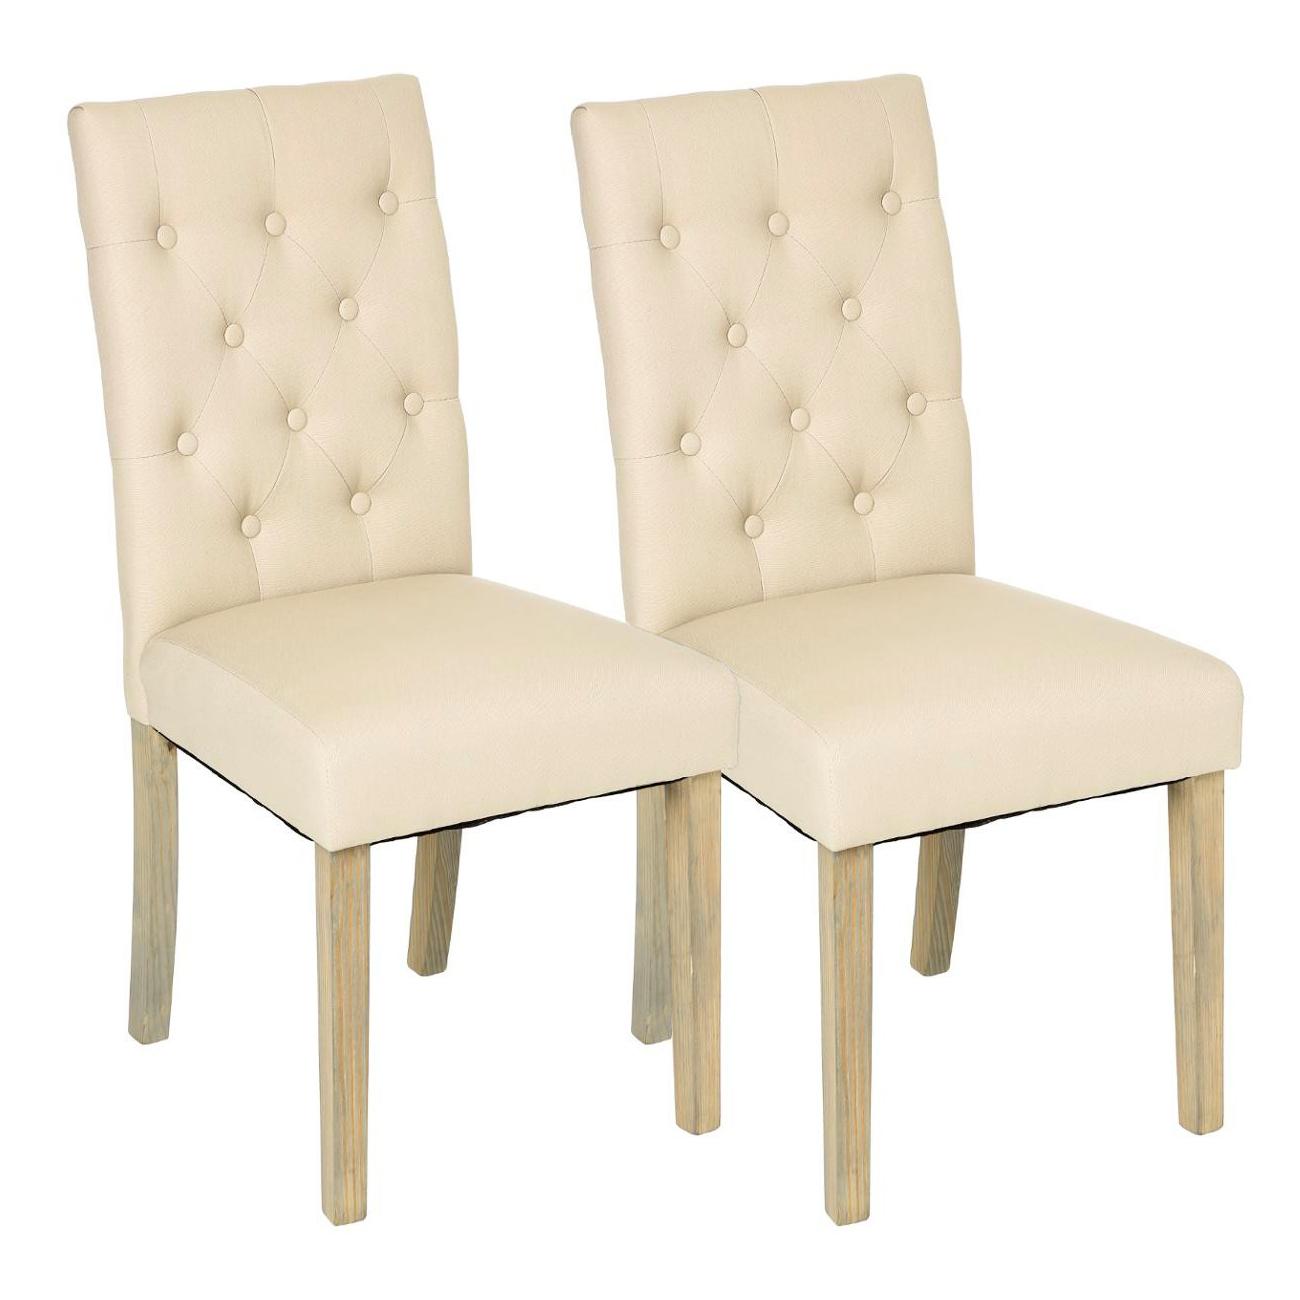 lot de 2 chaises moderne tissu beige dossier capitonne pieds bois